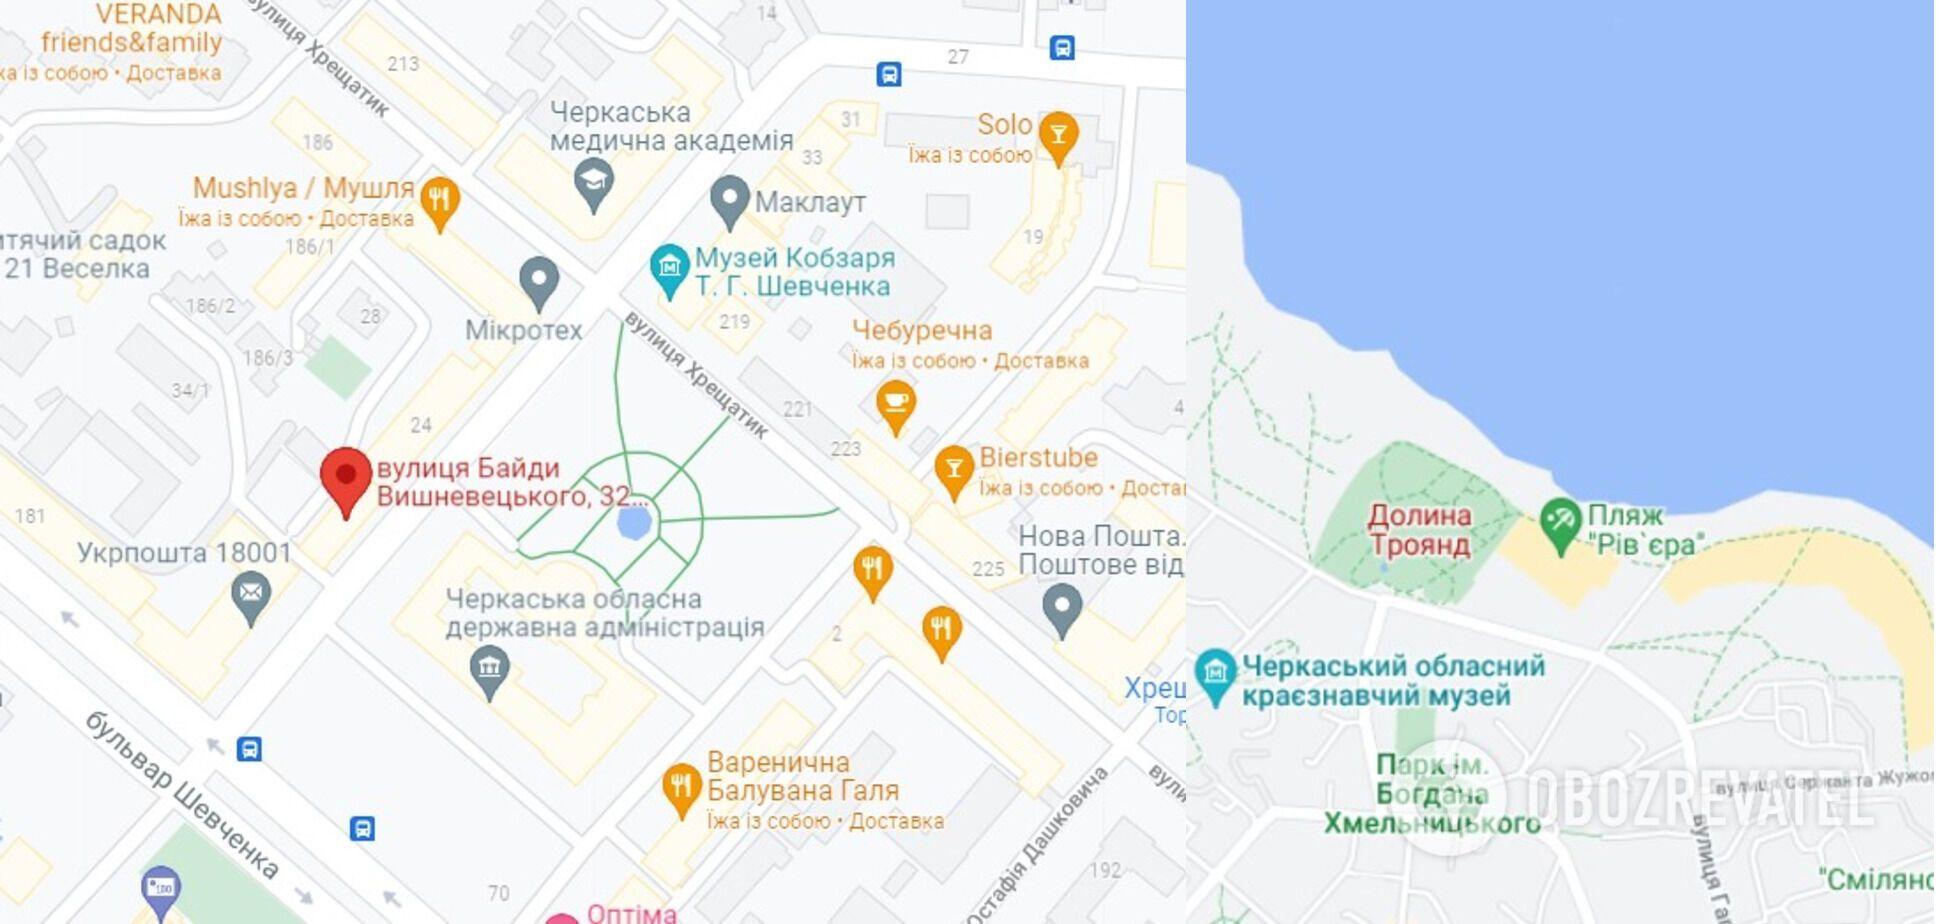 Преступление произошло на улице Байды Вишневецкого, 32, автомобиль киллеров обнаружили возле Долины Роз